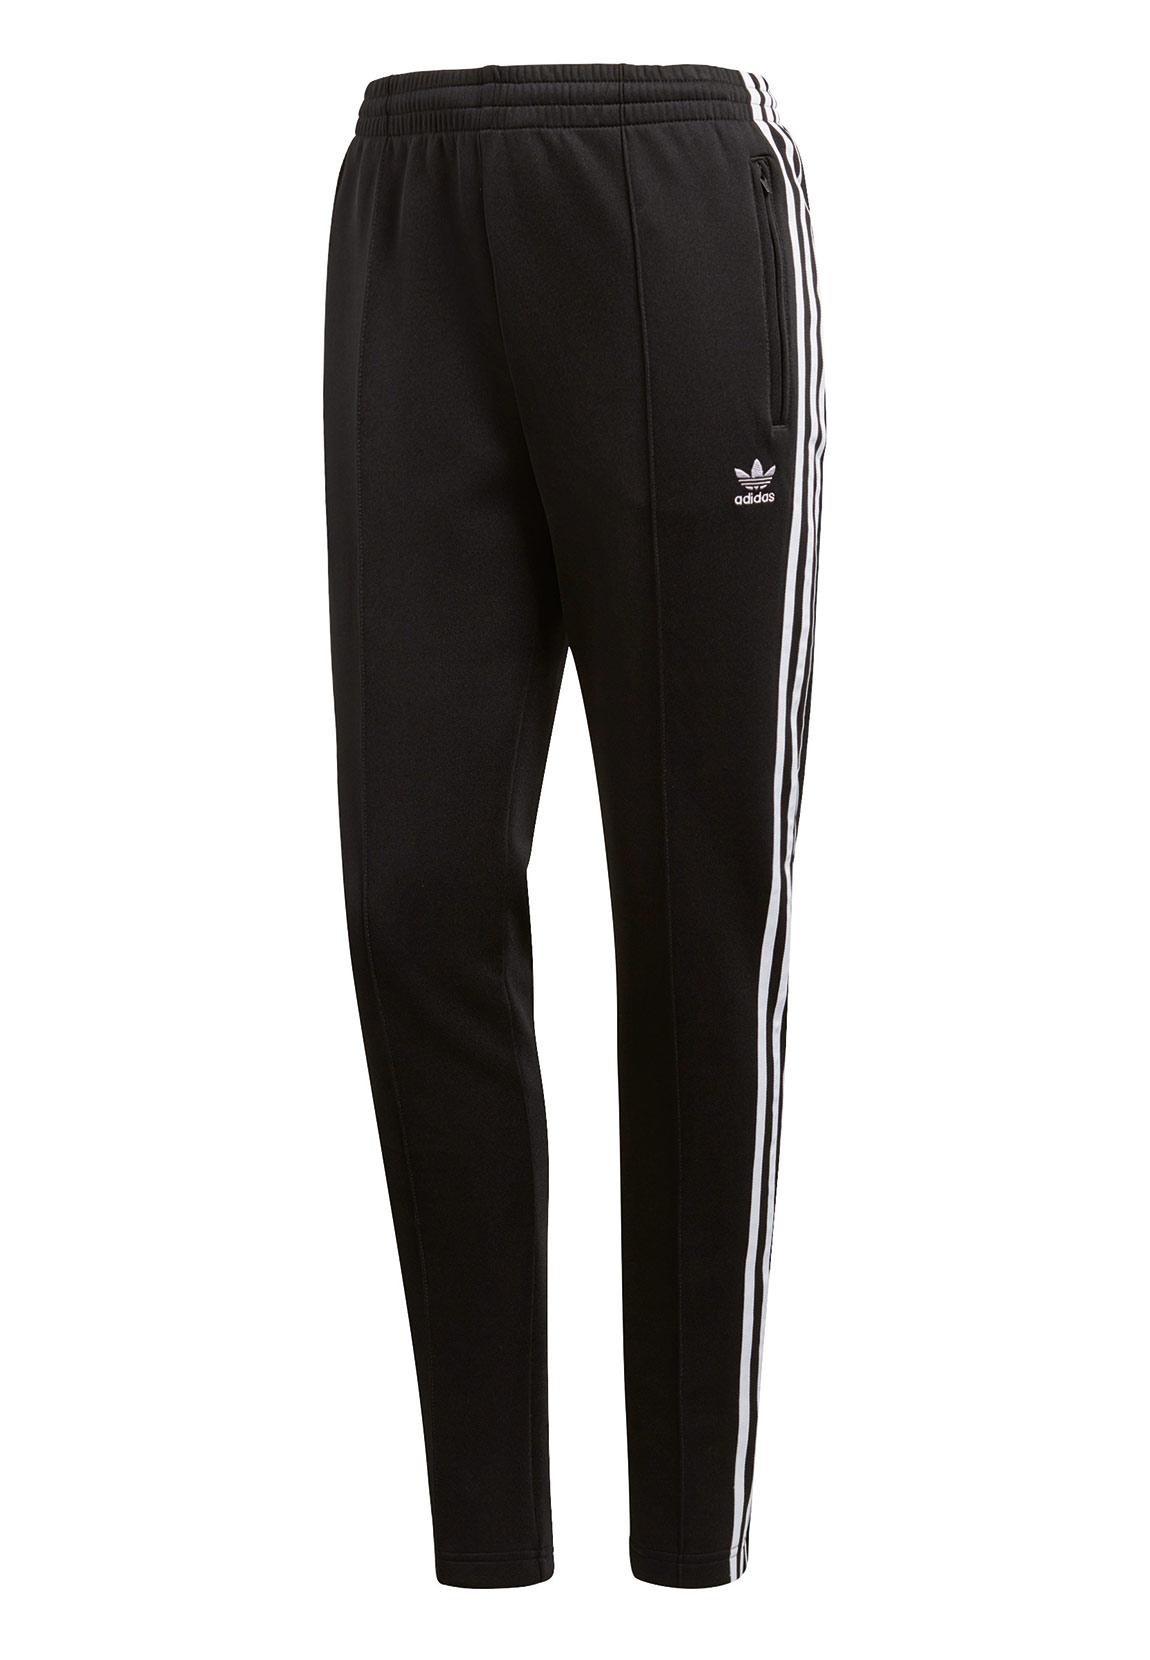 adidas originals damen jogginghose sst tp ce2400 schwarz. Black Bedroom Furniture Sets. Home Design Ideas